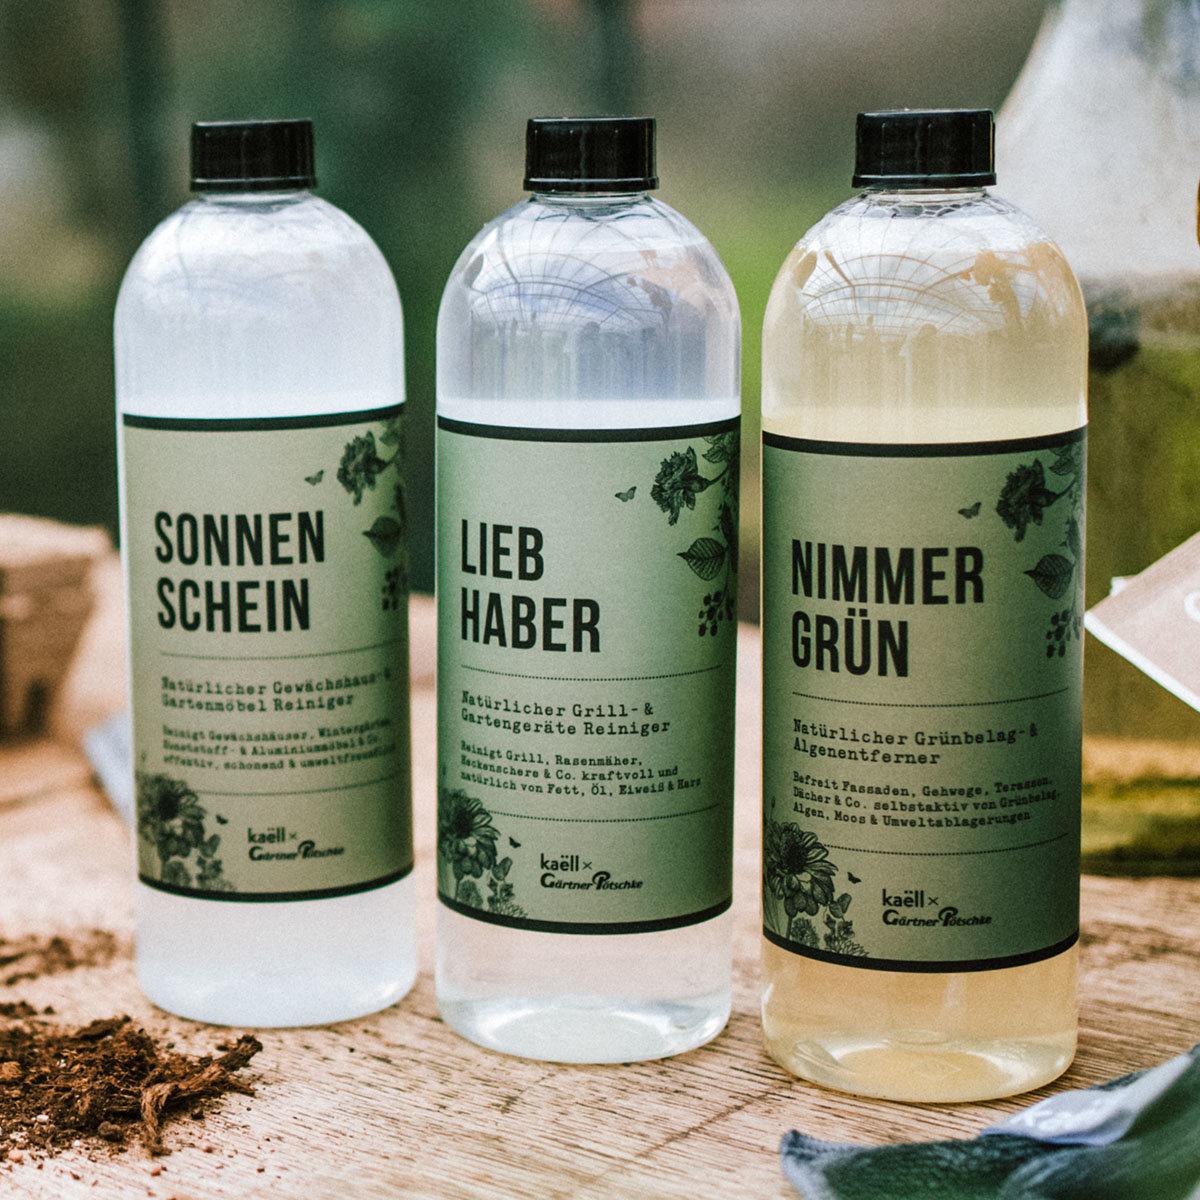 Natürliches Grill- und Gartengerätereiniger-Konzentrat Liebhaber, 750 ml | #4